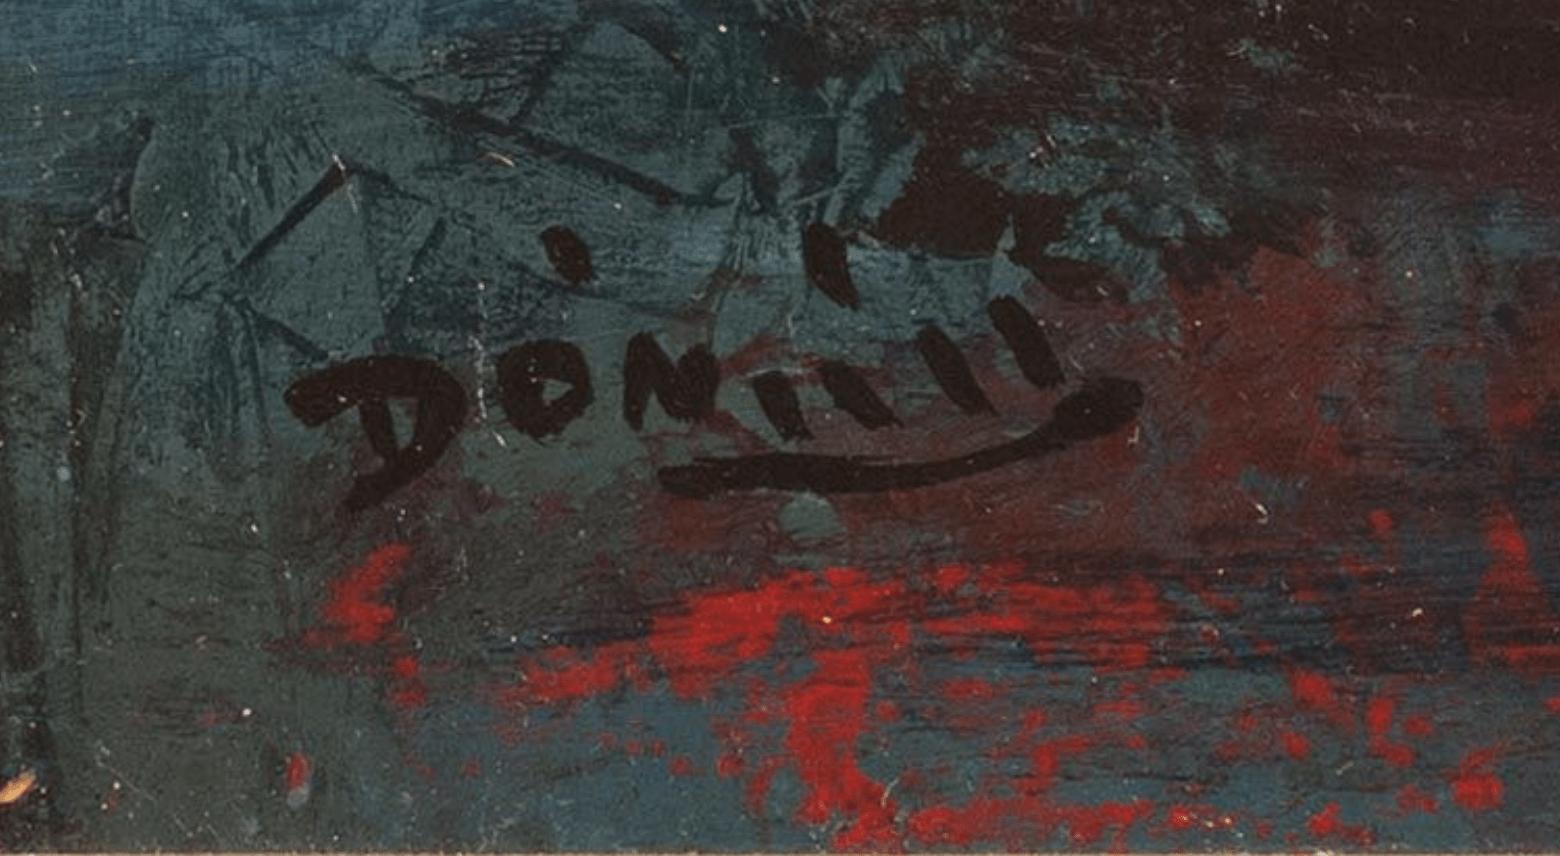 Daniel O'NEILL signature